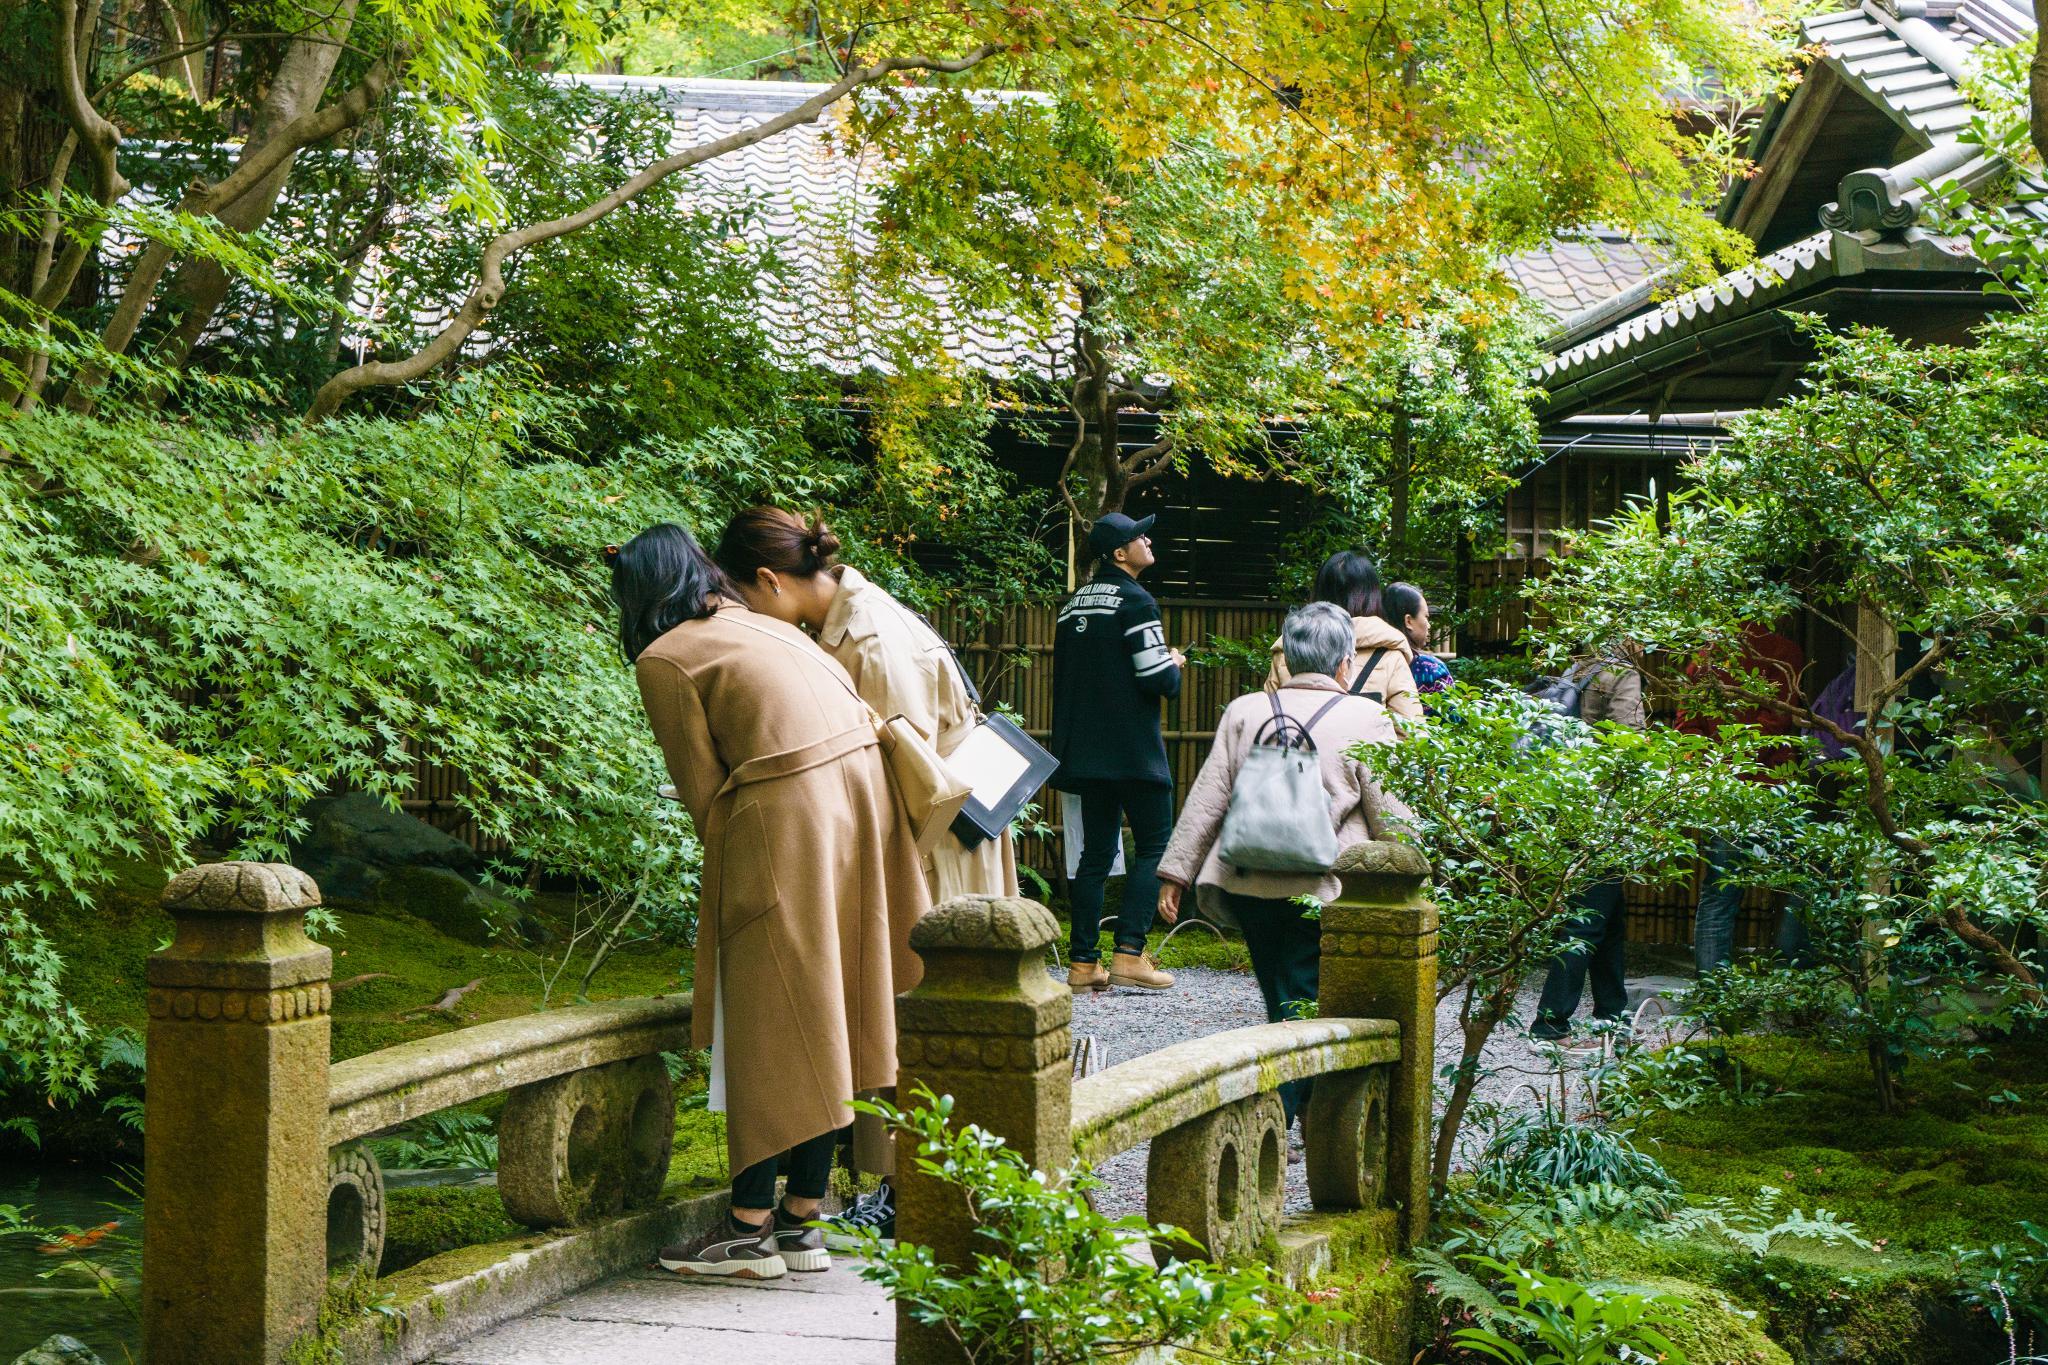 【京都】如夢似幻的琉璃光影 - 八瀨琉璃光院 84